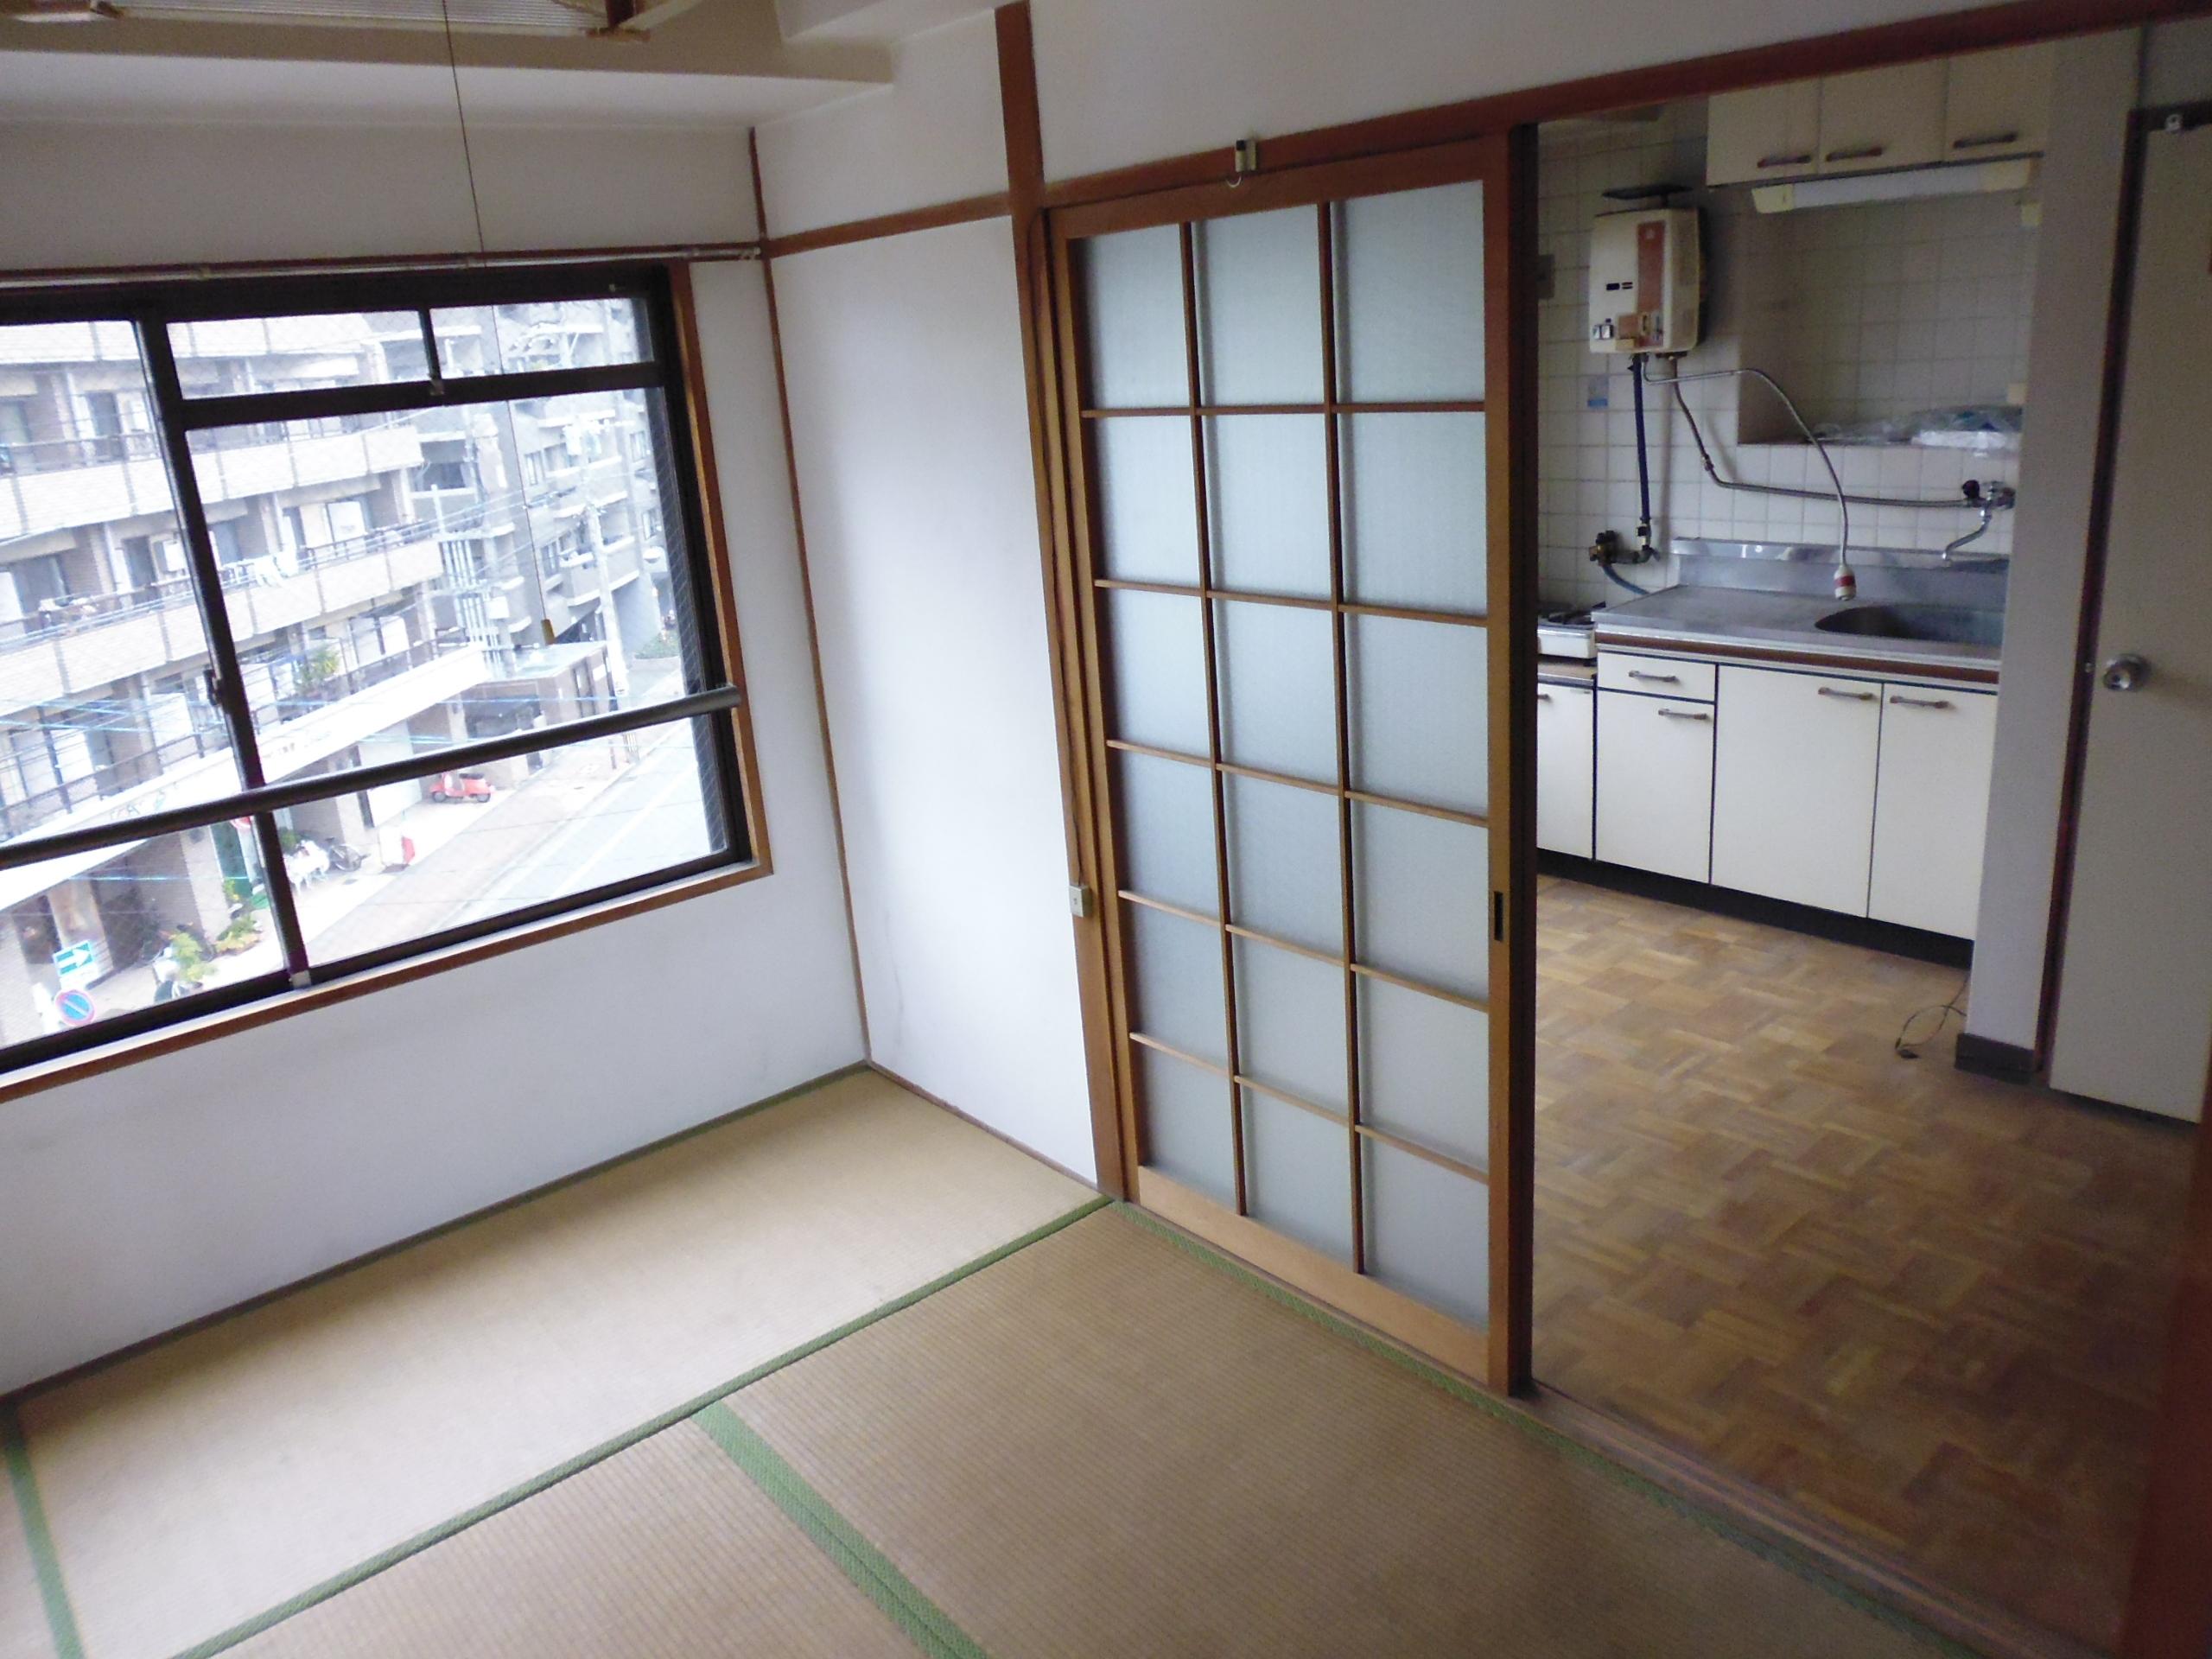 「 空室が多く、ほとんど未活用の築32年鉄筋コンクリート造賃貸マンション(テナント×1戸、住戸×13戸)を再生させるには・・・? 」